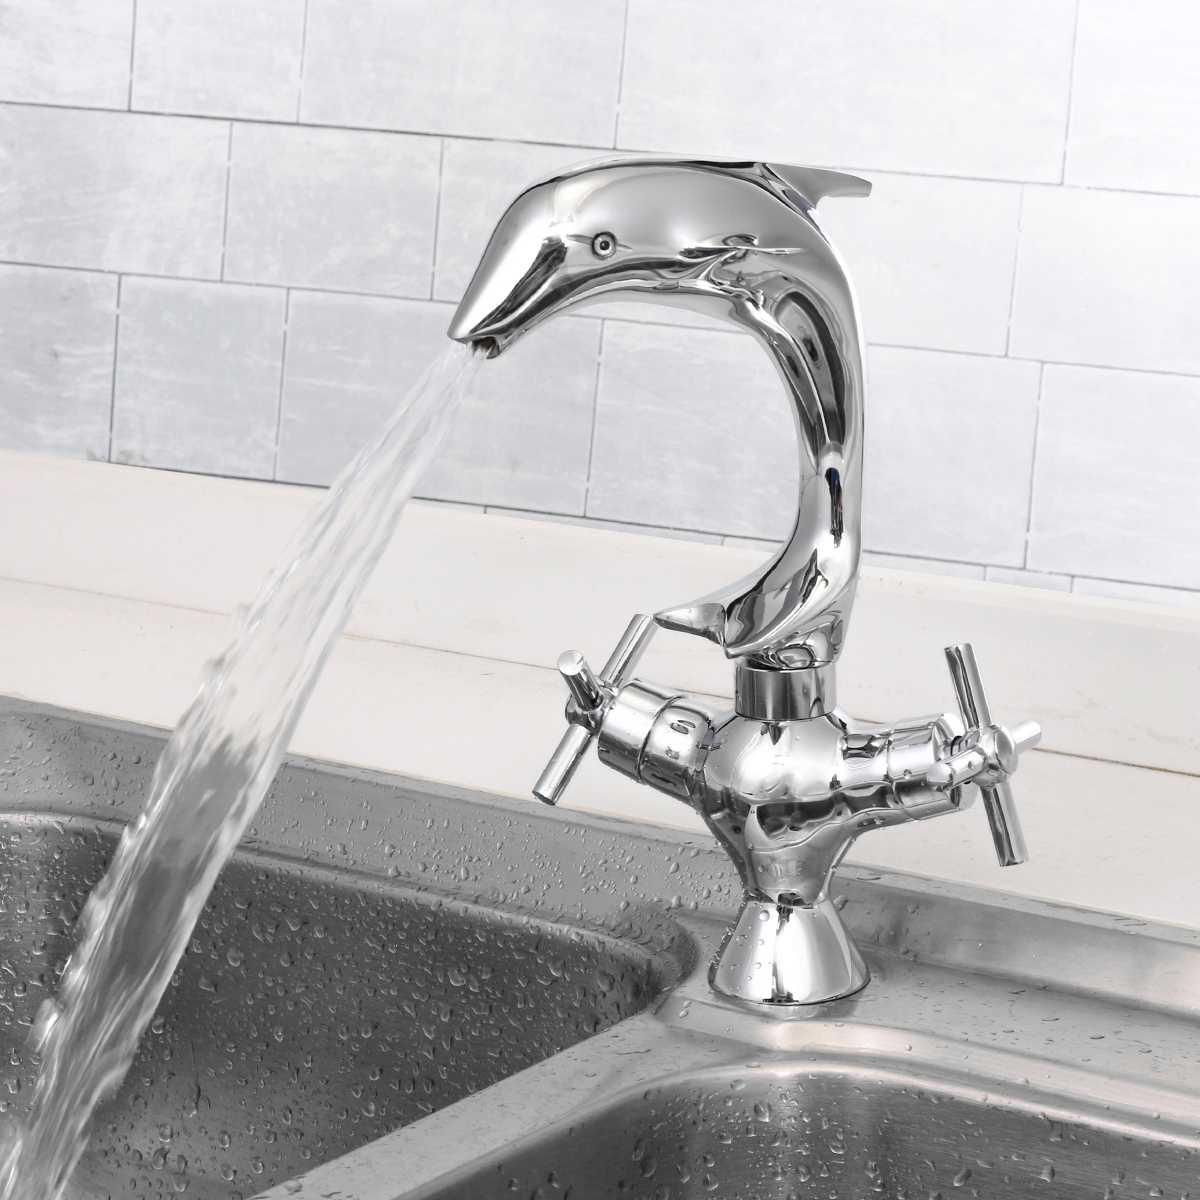 Xueqin медь Дельфин стиль смеситель для раковины двойная ручка ванная комната двойное отверстие Смесители горячей и холодной воды Хром полиро...